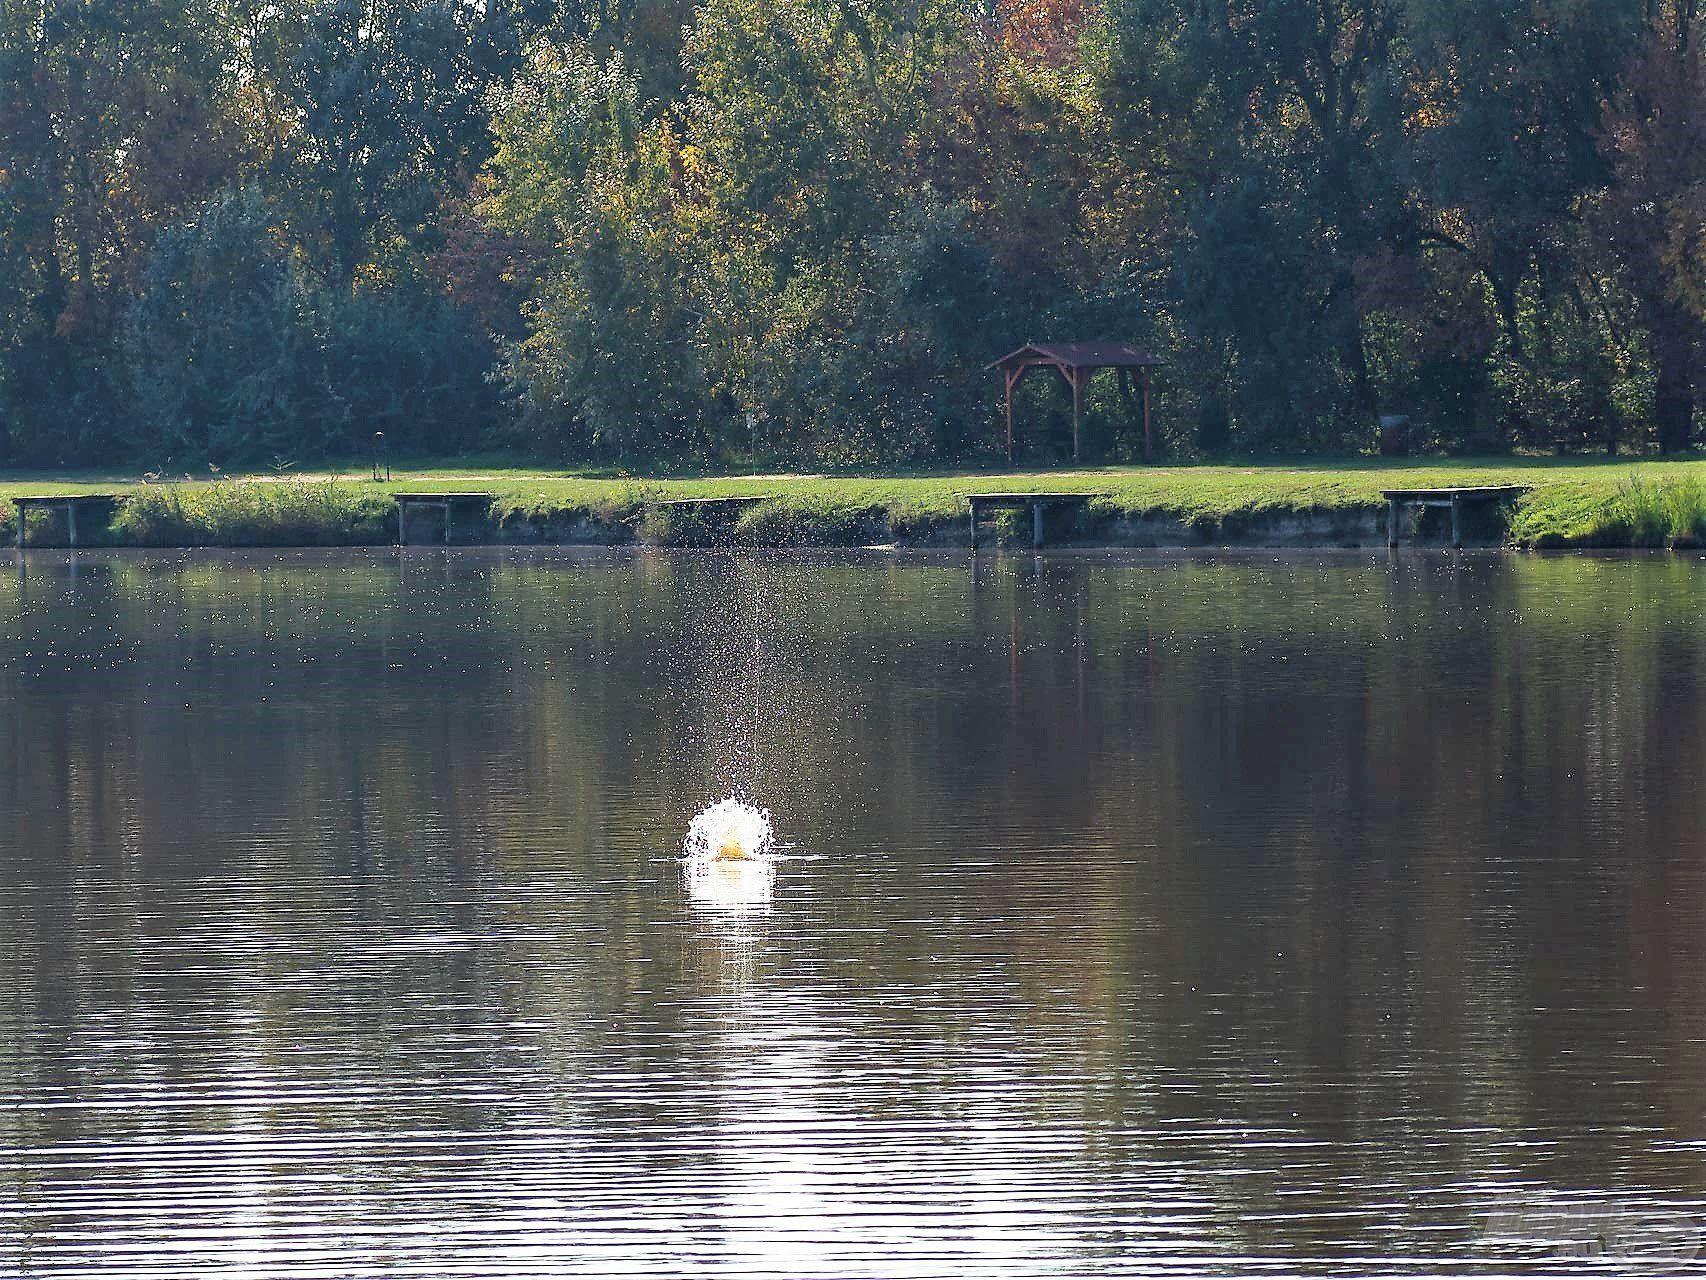 A Vad Ponty kaja egy része már becsapódáskor kiszabadult a kosárból, és a nagy fehér felhő messziről utat mutatott a halaknak